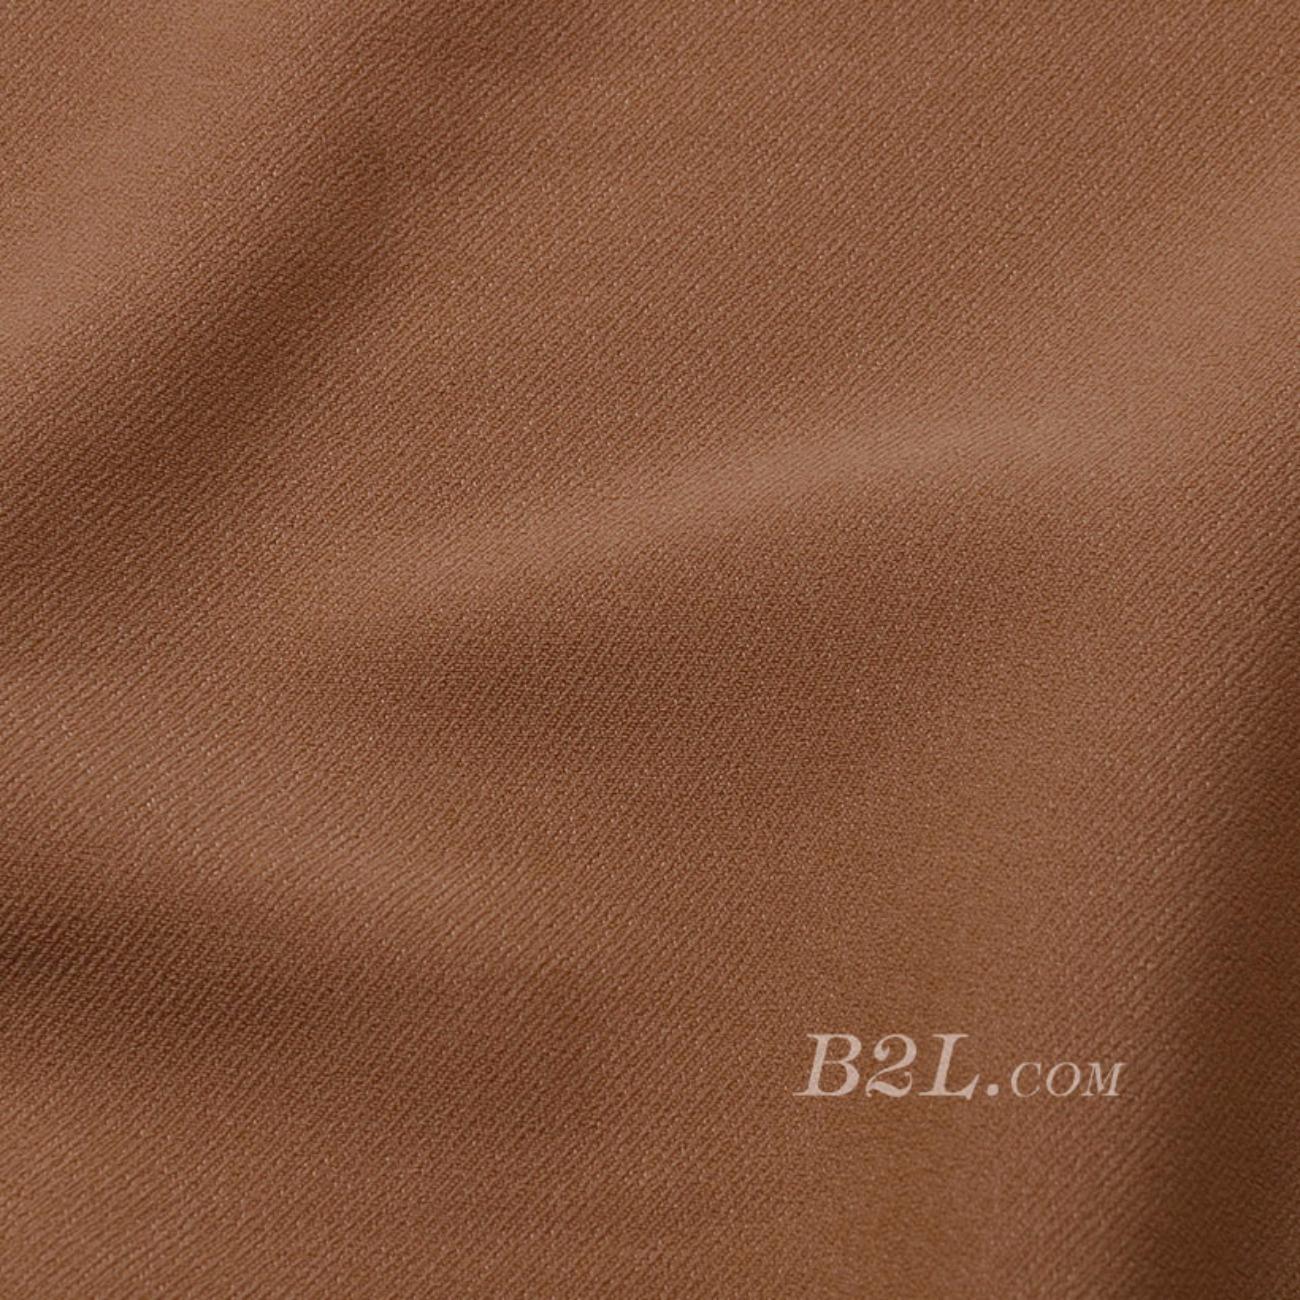 现货 素色 梭织 斜纹 弹力 染色 春秋 连衣裙 外套 女装 80530-16